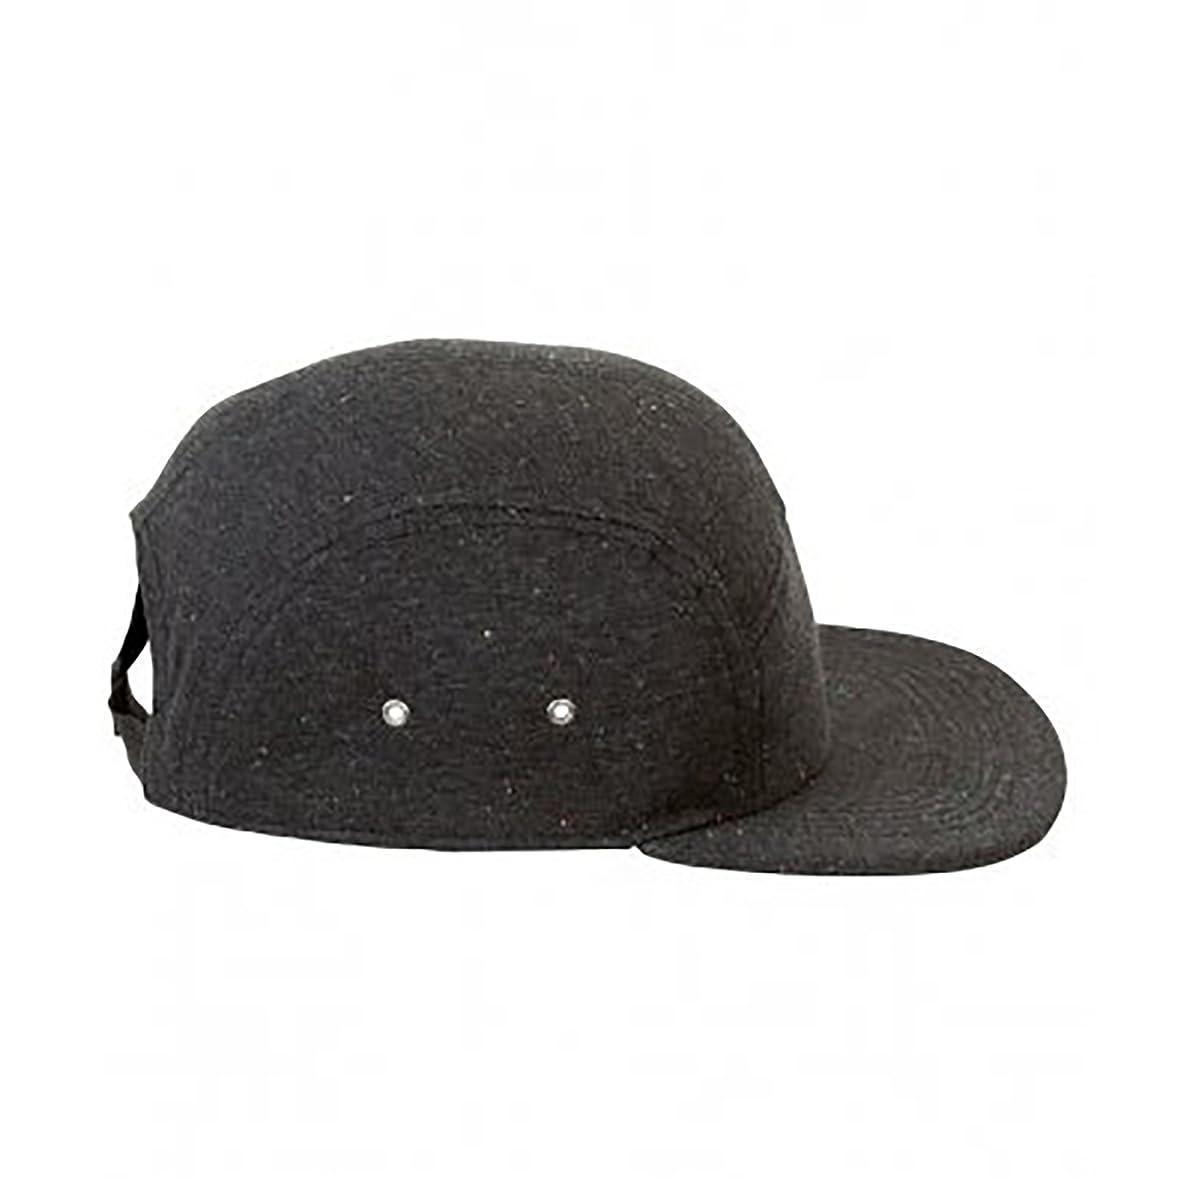 アルバニーシャツ昇進(ソールズ) SOLS ユニセックス Baldwin キャップ 帽子